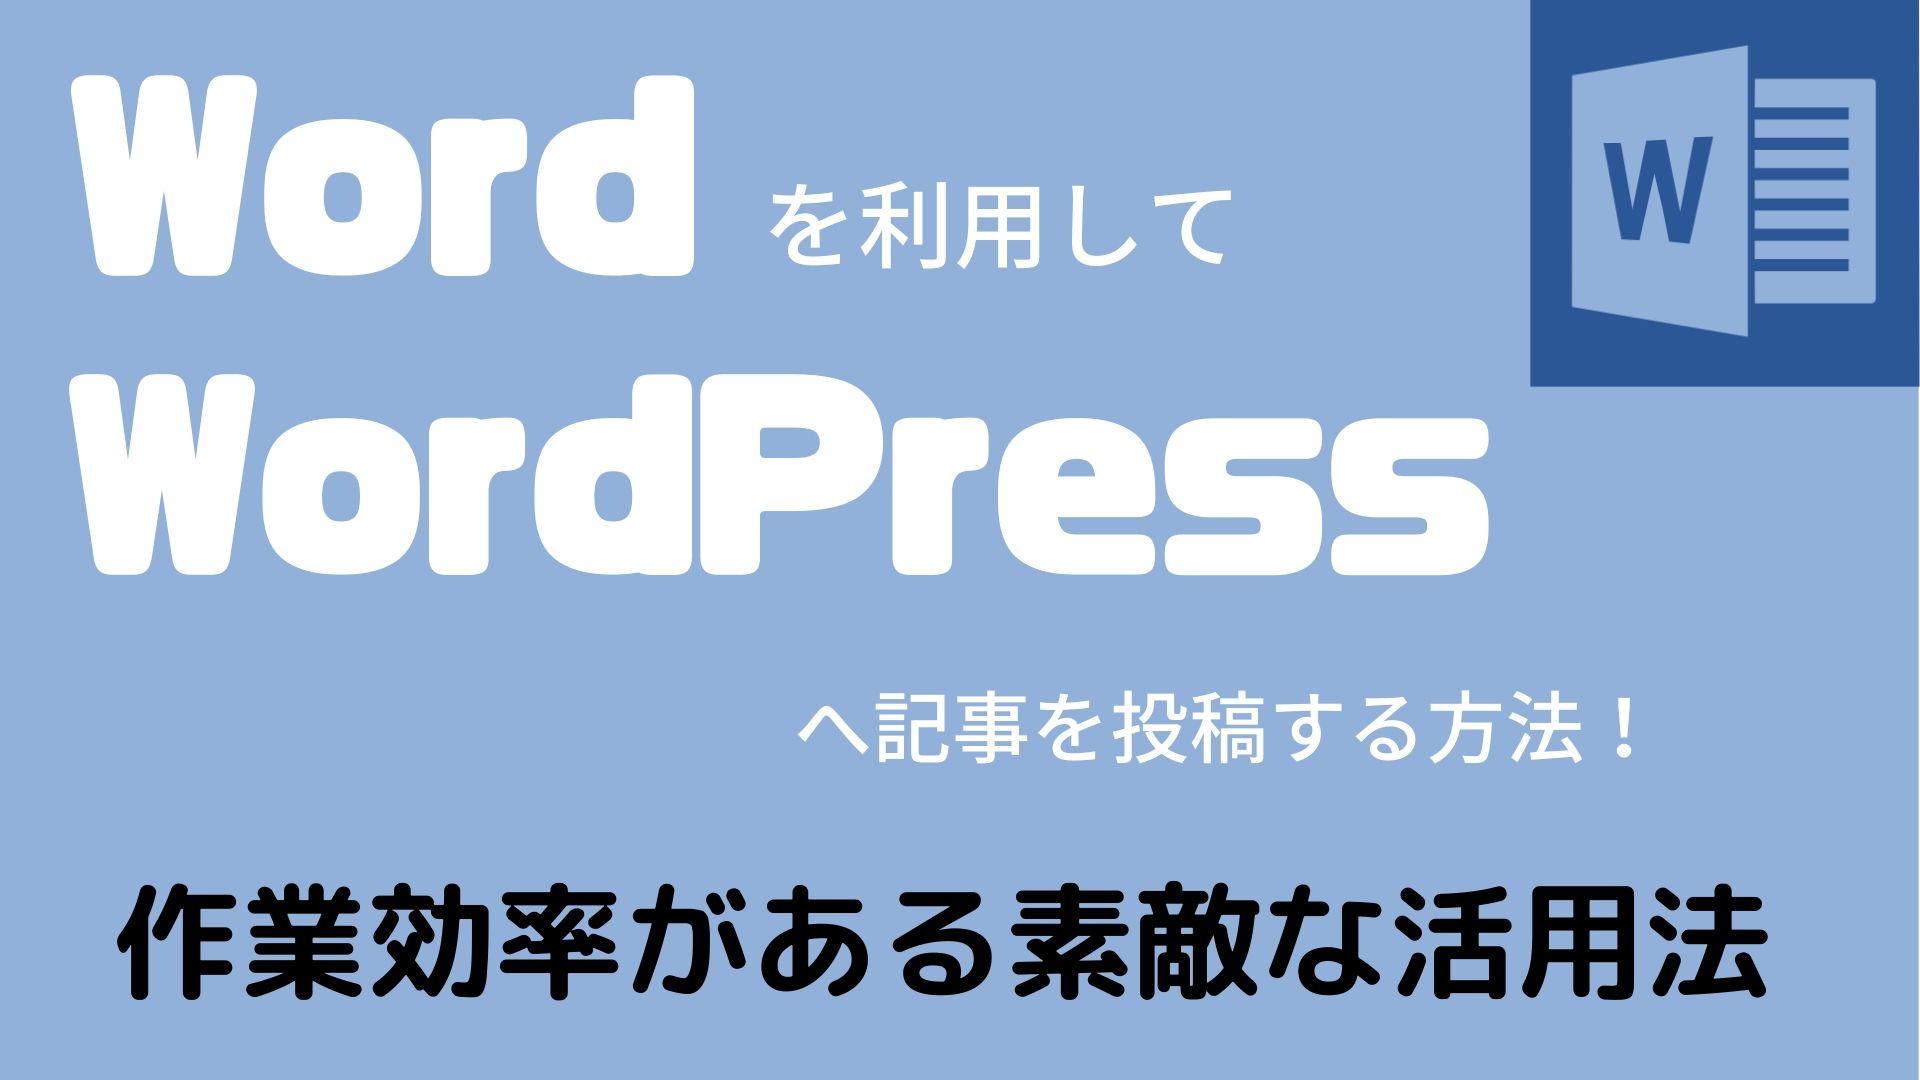 Word(ワード)でWordPressへ記事を投稿する方法!のタイトル画像